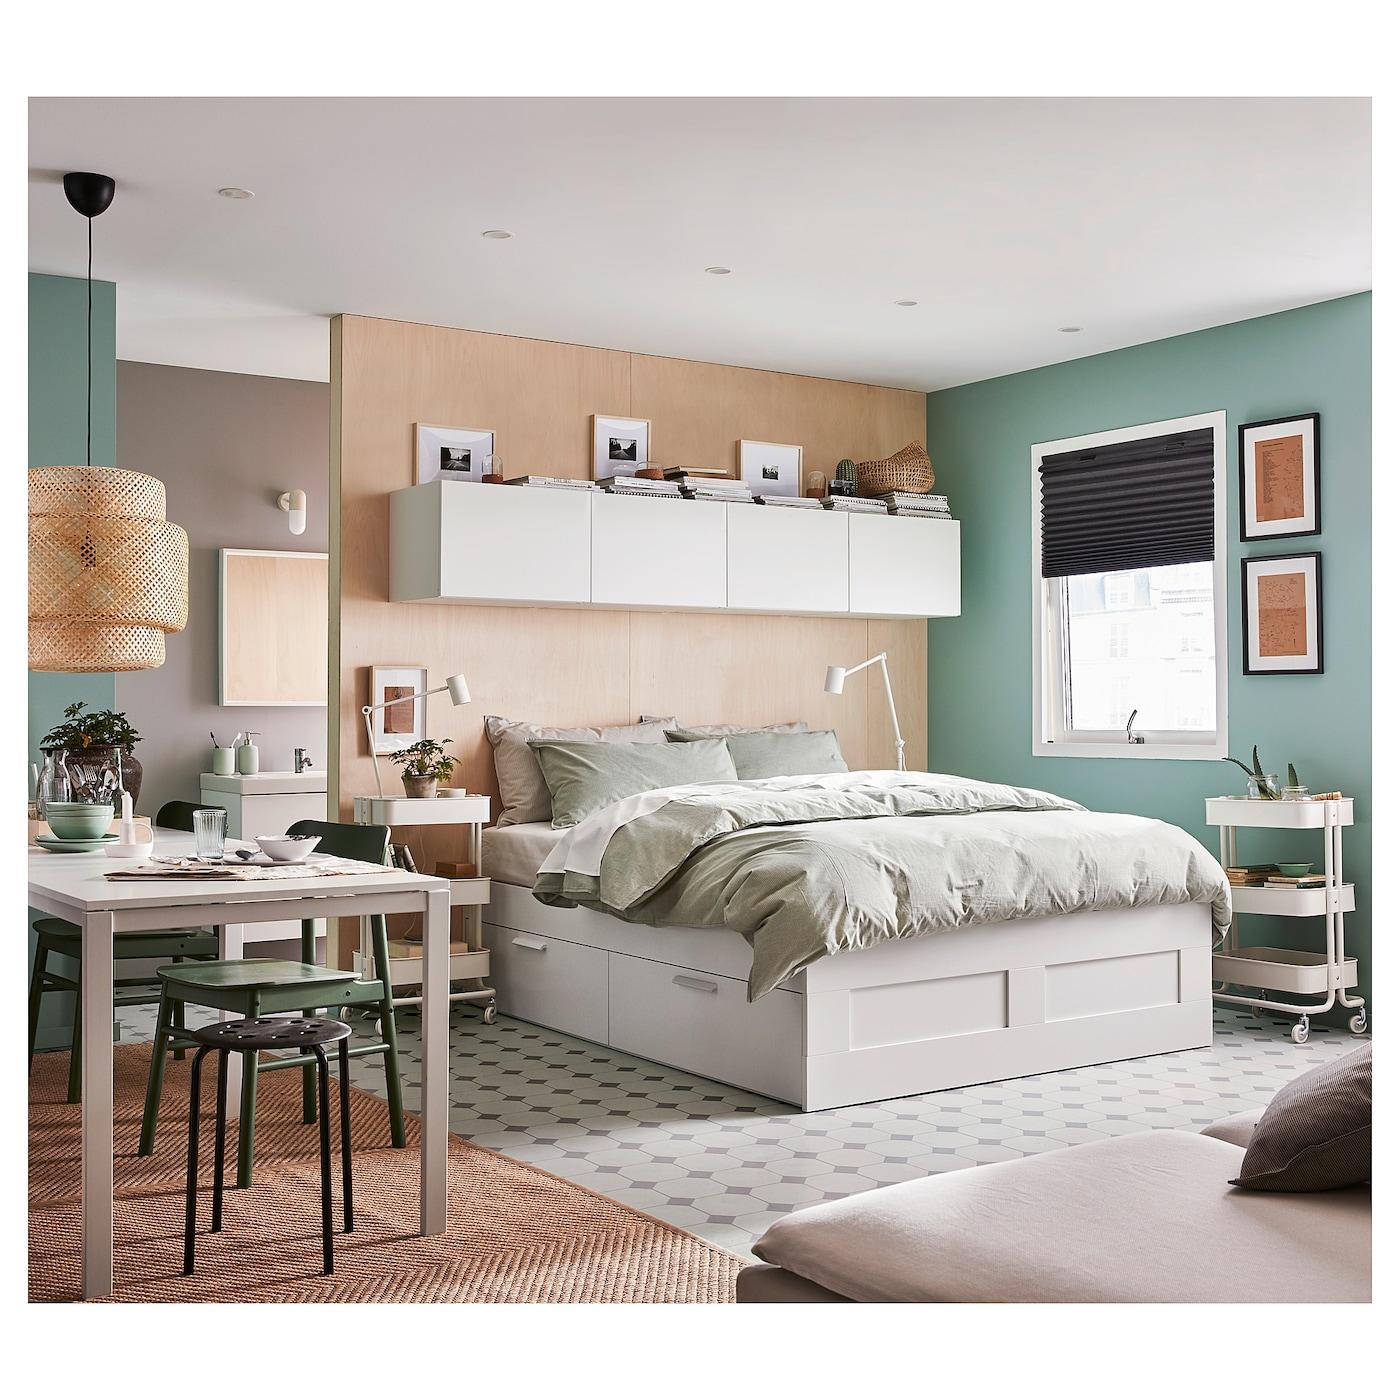 Full Size of Brimnes Bett Mit Schubladen Perfekt Fr Das Jugendzimmer Ikea Küche Kaufen Modulküche Kosten Sofa Schlaffunktion Miniküche Betten Bei 160x200 Wohnzimmer Ikea Jugendzimmer